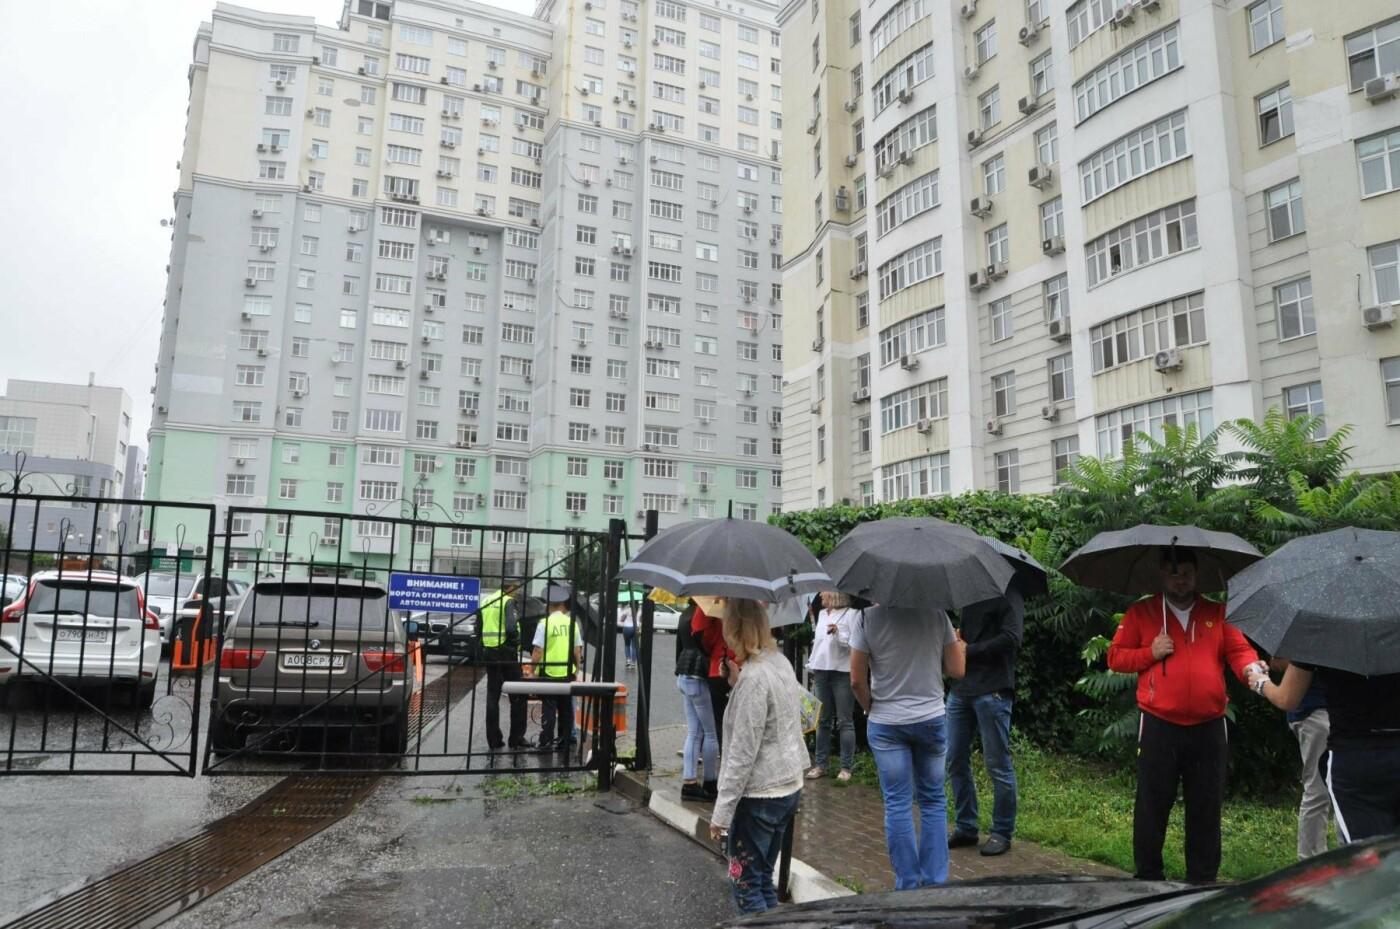 «Сдались нам тогда эти квартиры?». Как жители элитного ЖК отстаивают право на бесплатную парковку, фото-2